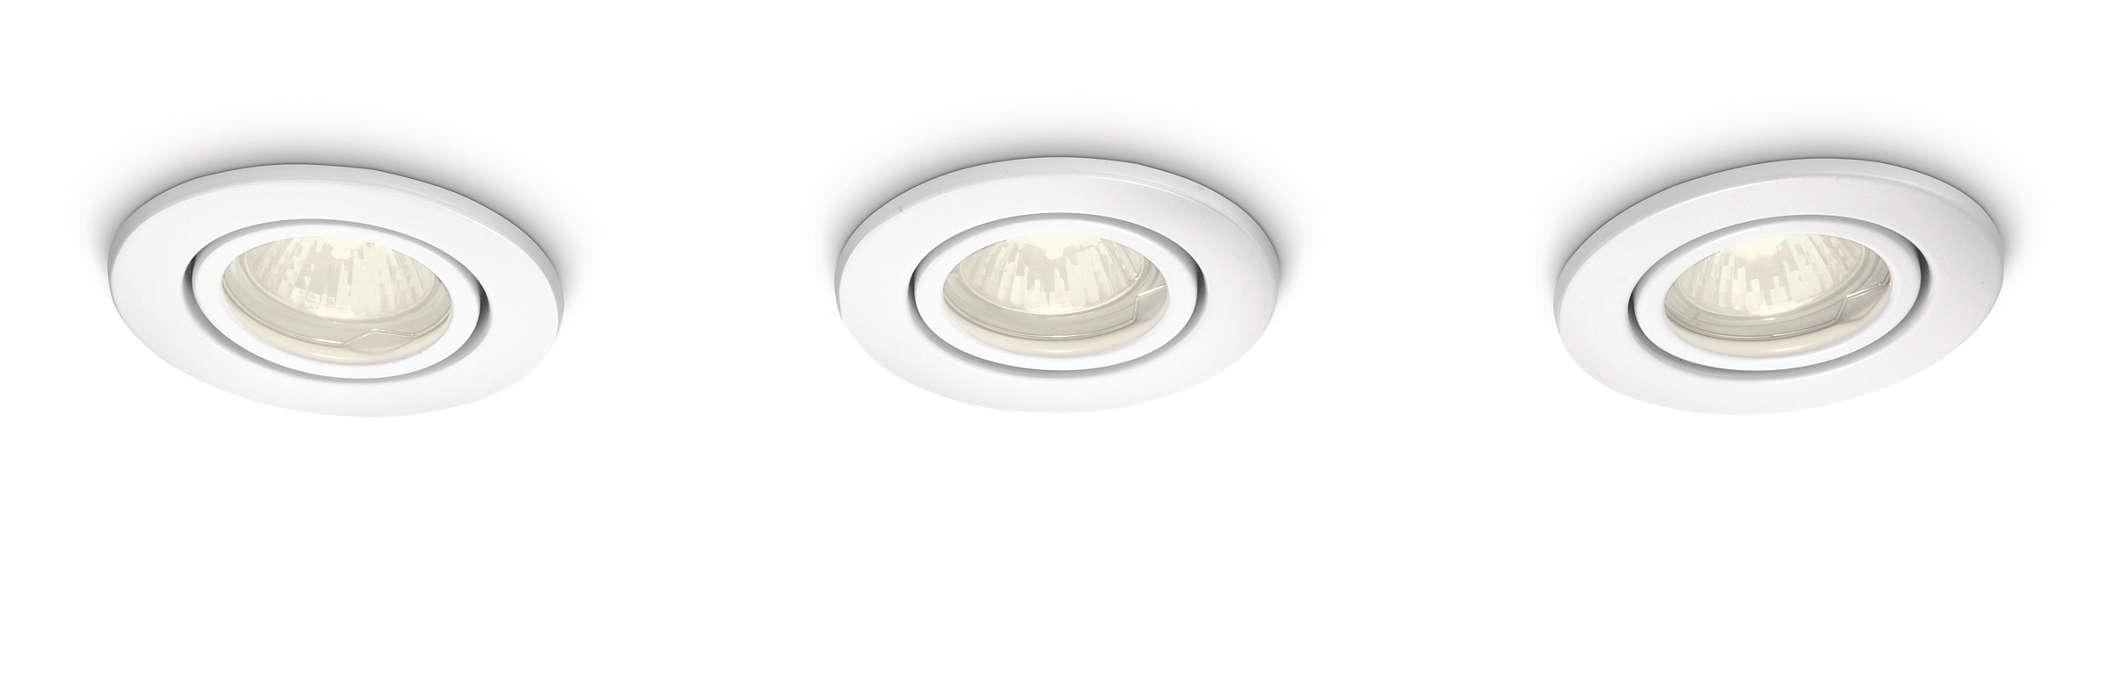 Osvježite izgled predivnim prirodnim svjetlom